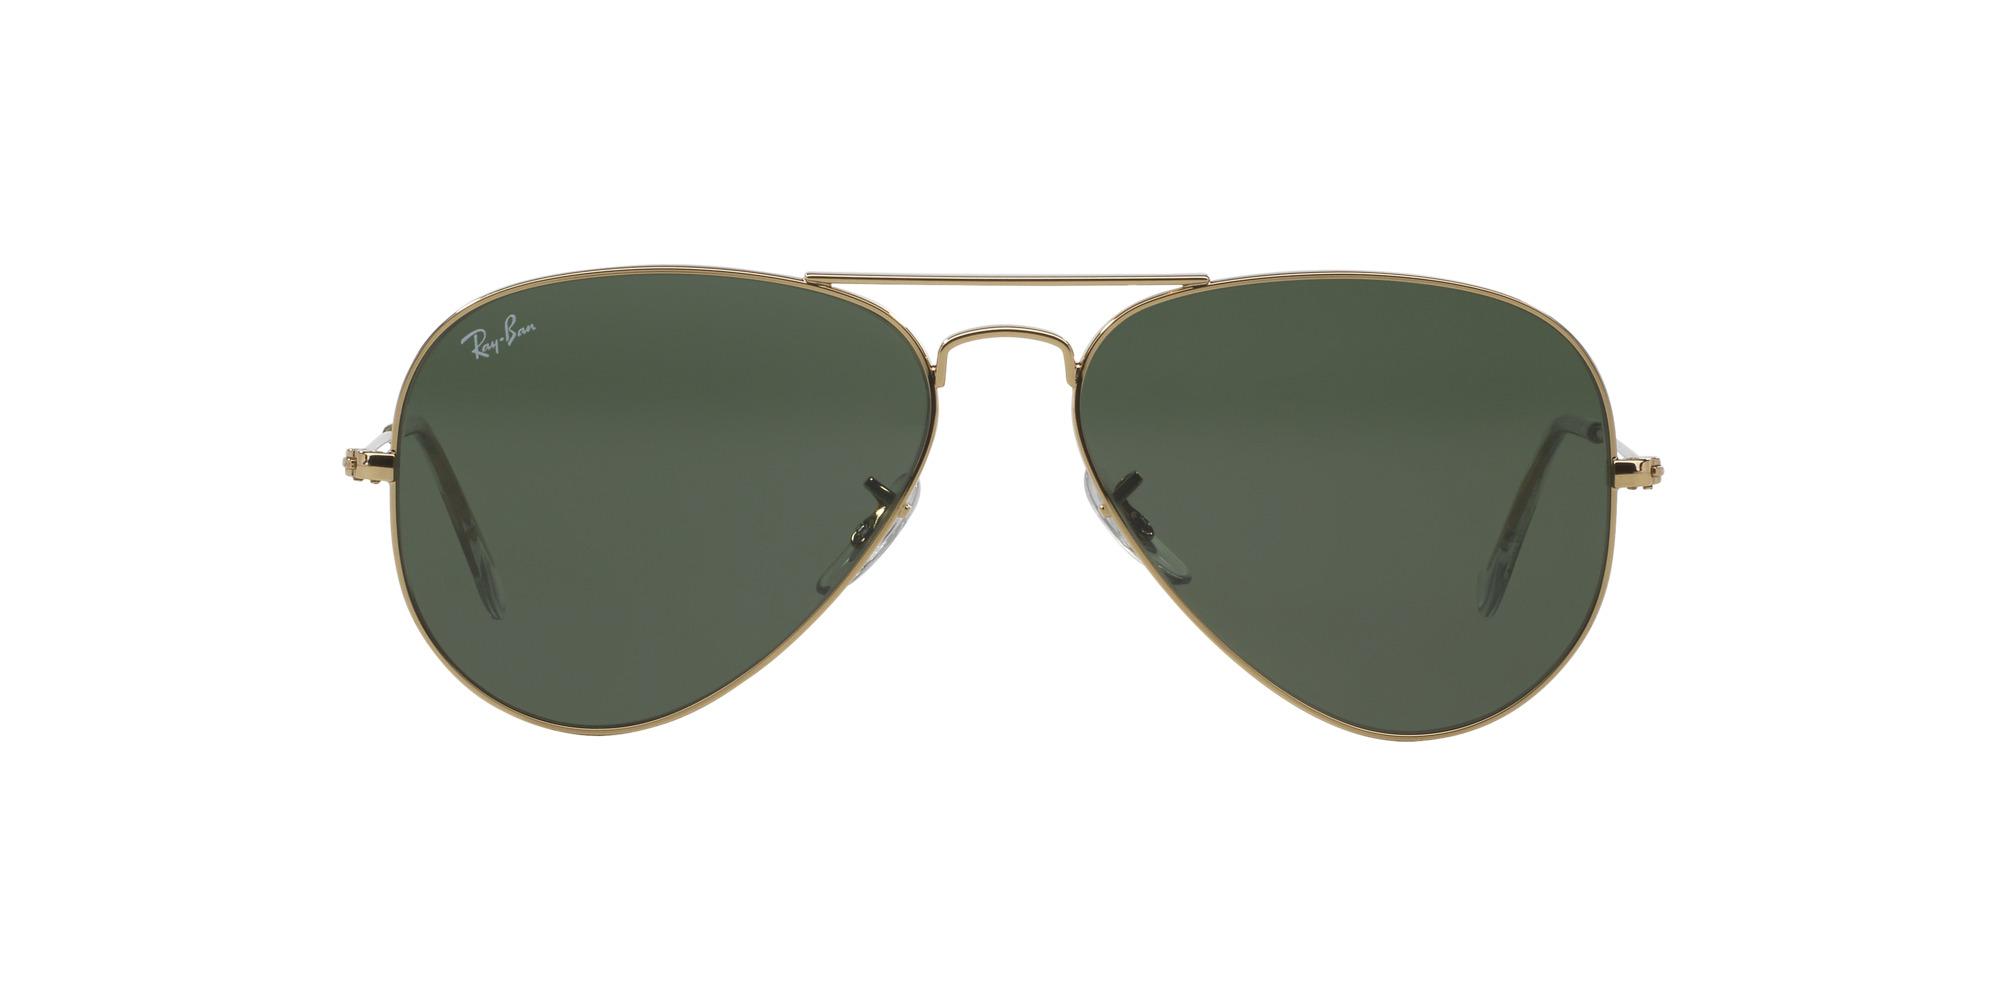 f9cf95fe9 Corría el año 1933 cuando el general Mc Cready solicitó a Bausch & Lomb  unas gafas de sol para los pilotos de las fuerzas aéreas americanas.